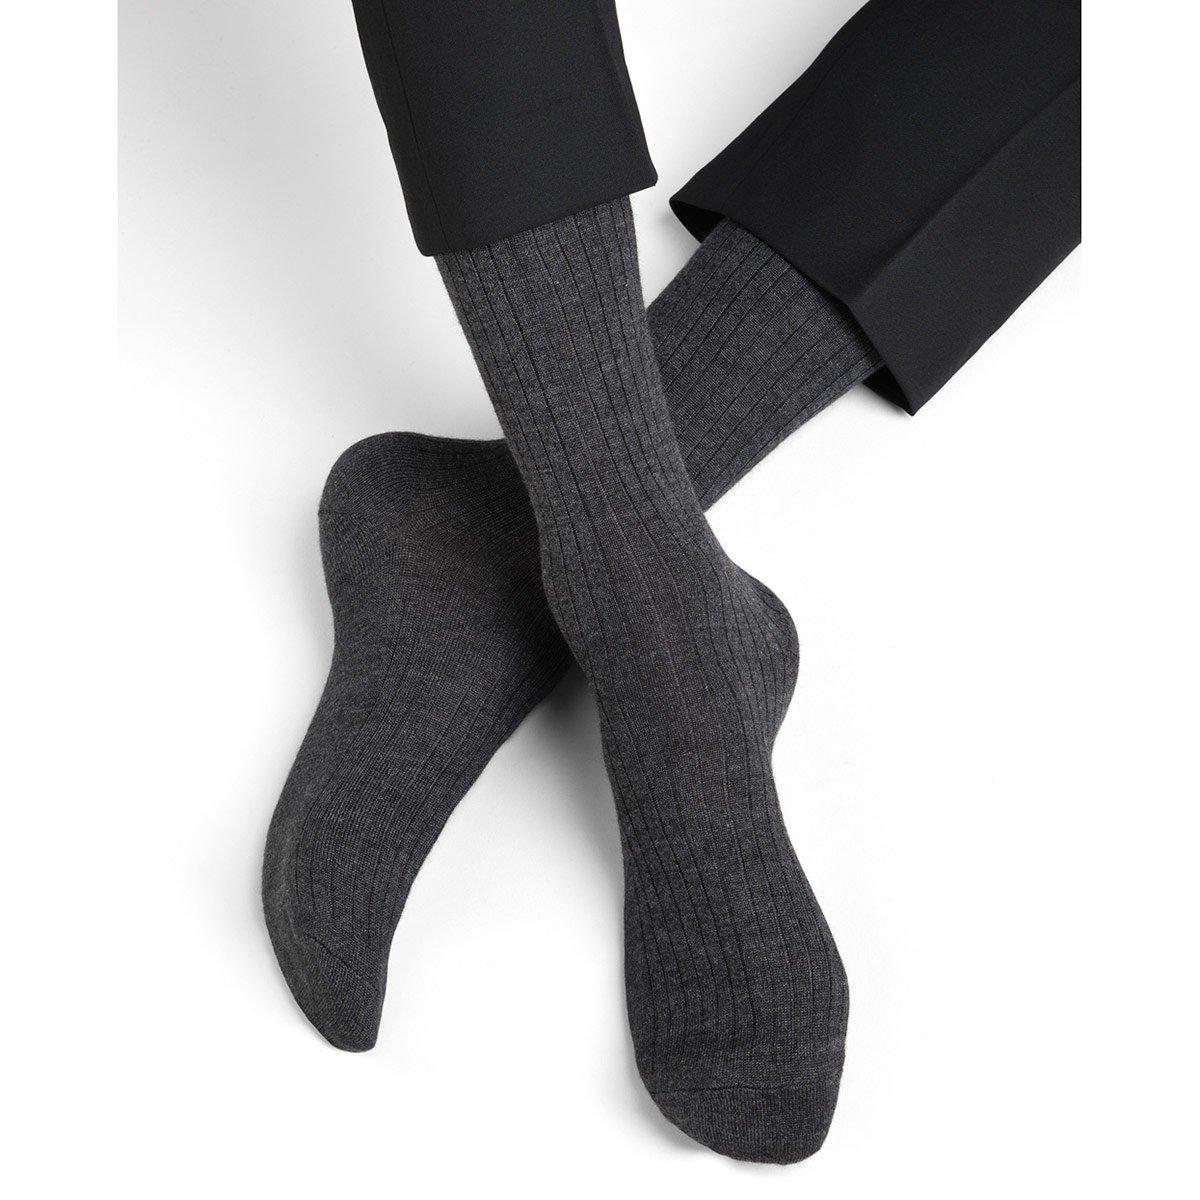 migliore qualità per venduto in tutto il mondo diversificato nella confezione BLEUFORET | calzini uomo in lana cashmere e seta